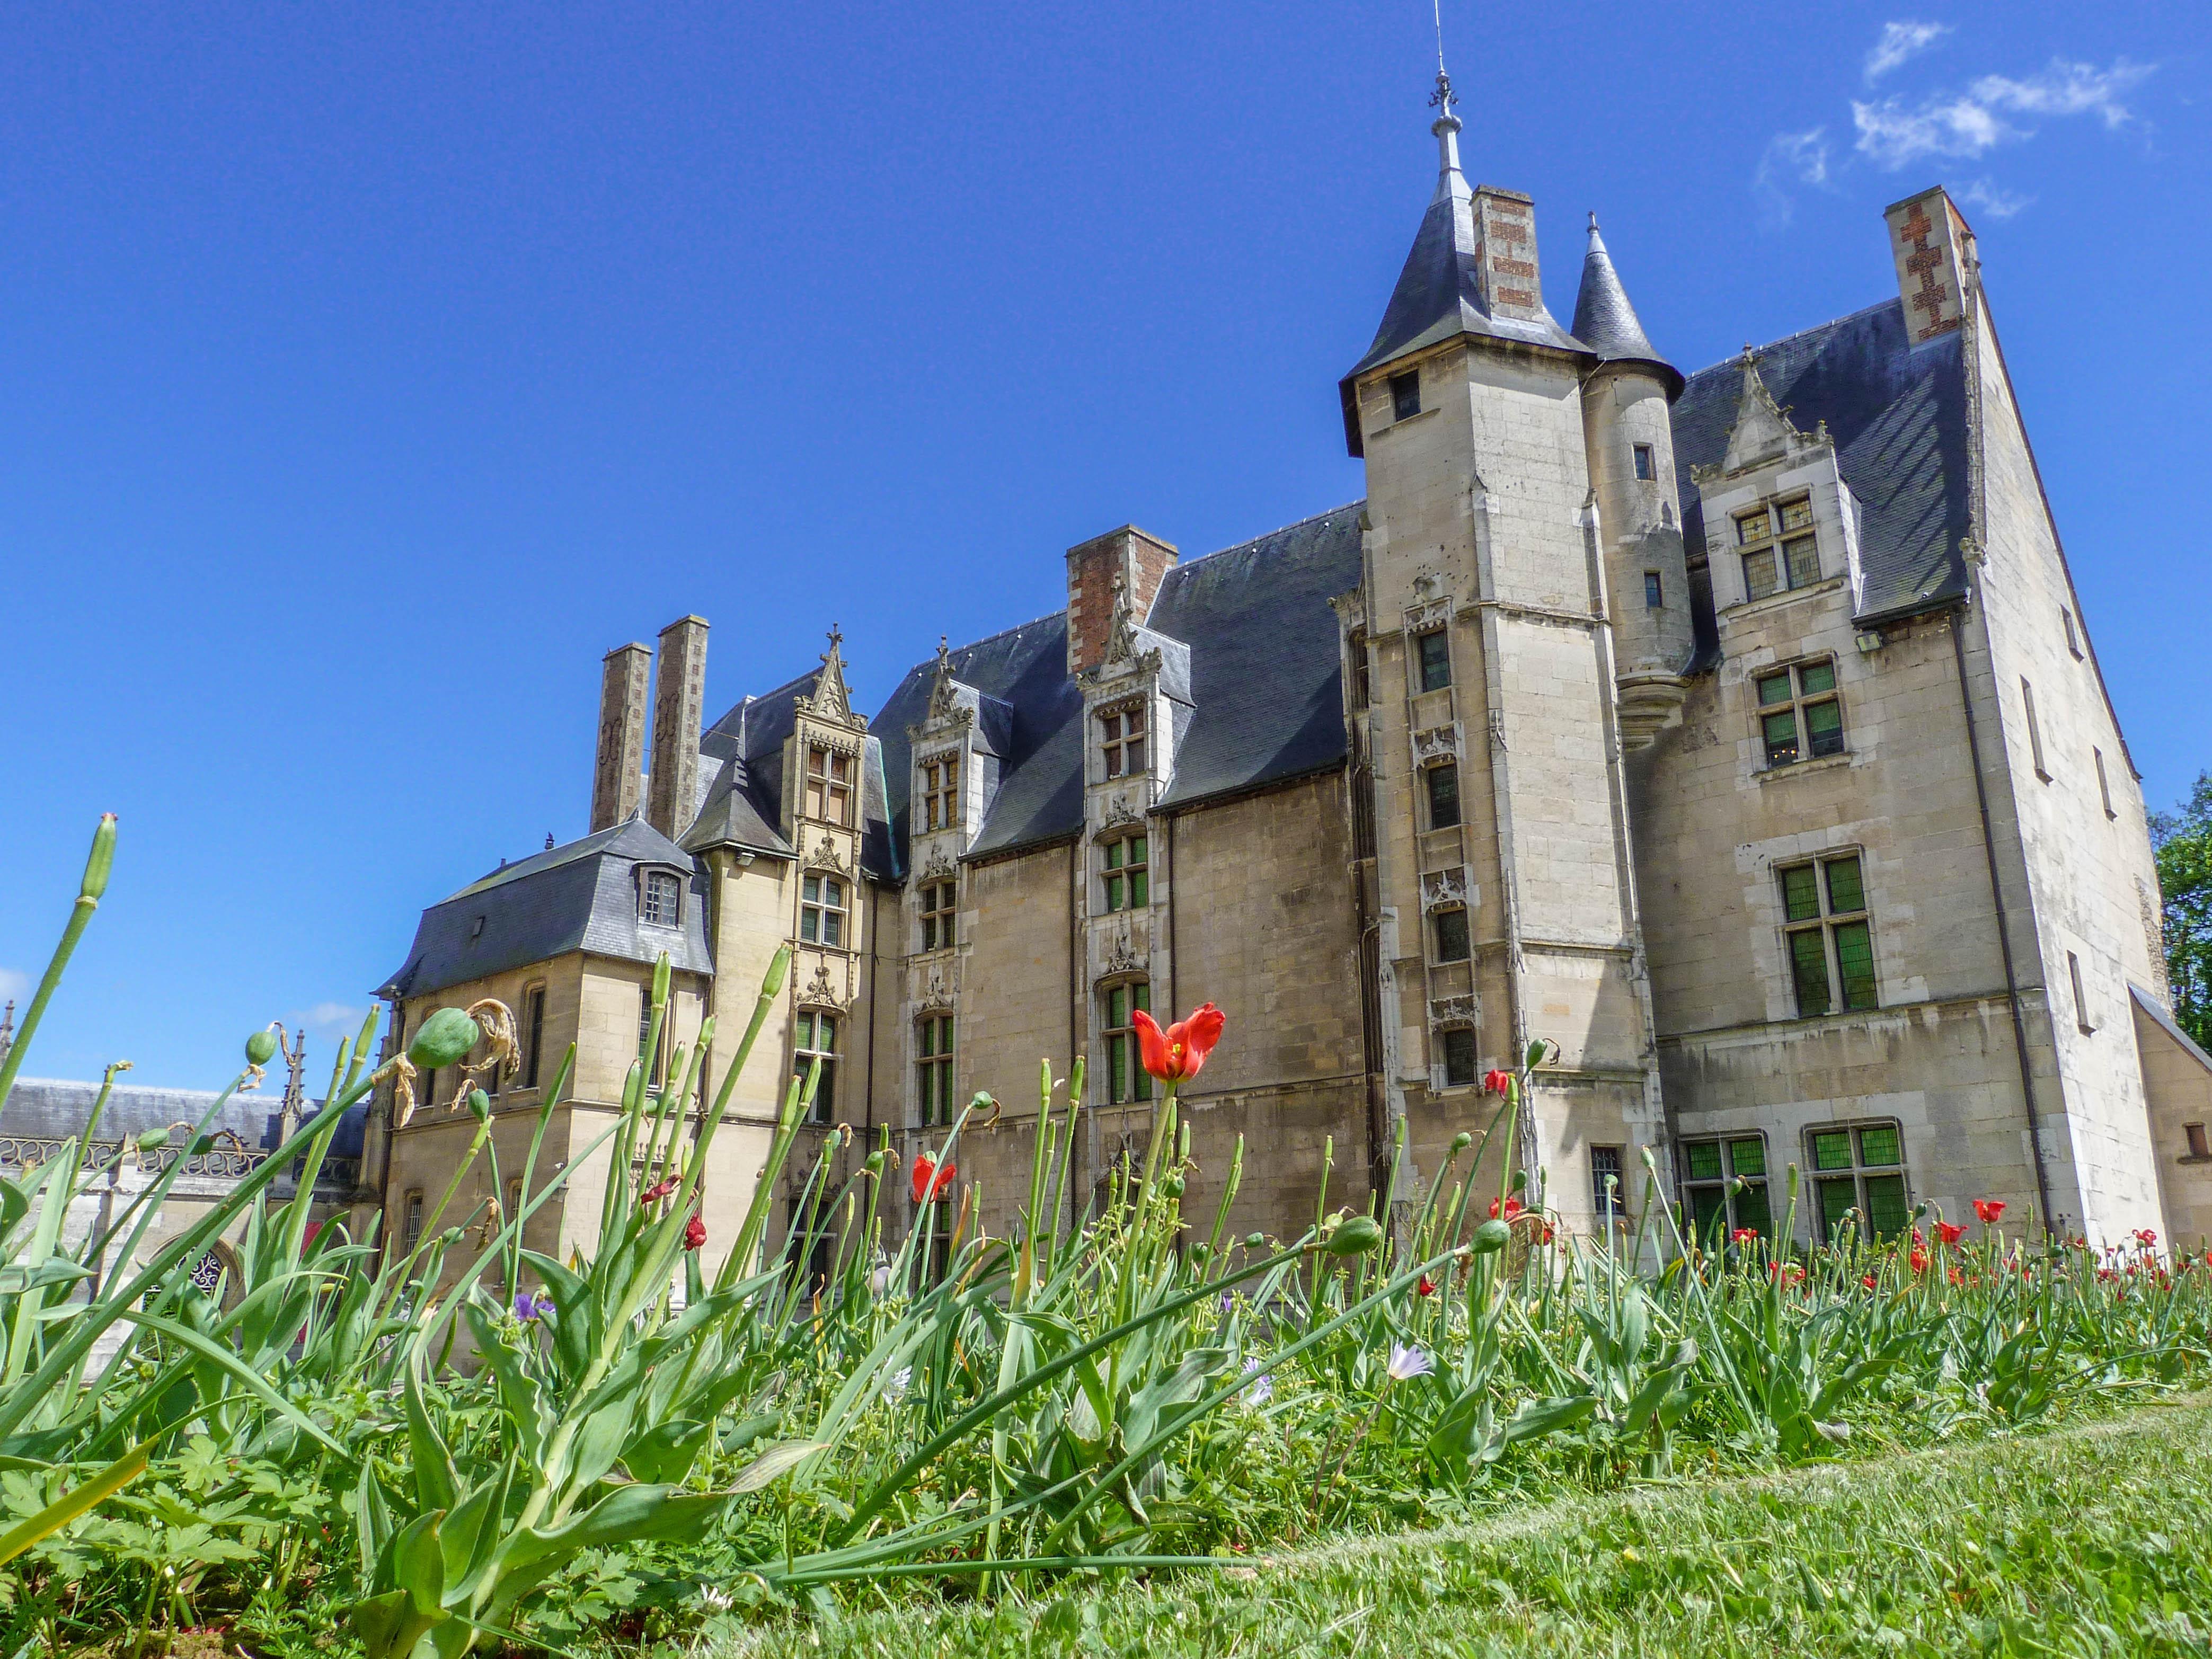 Musee-d-Evreux-Evreux-Normandie-Tourisme-3